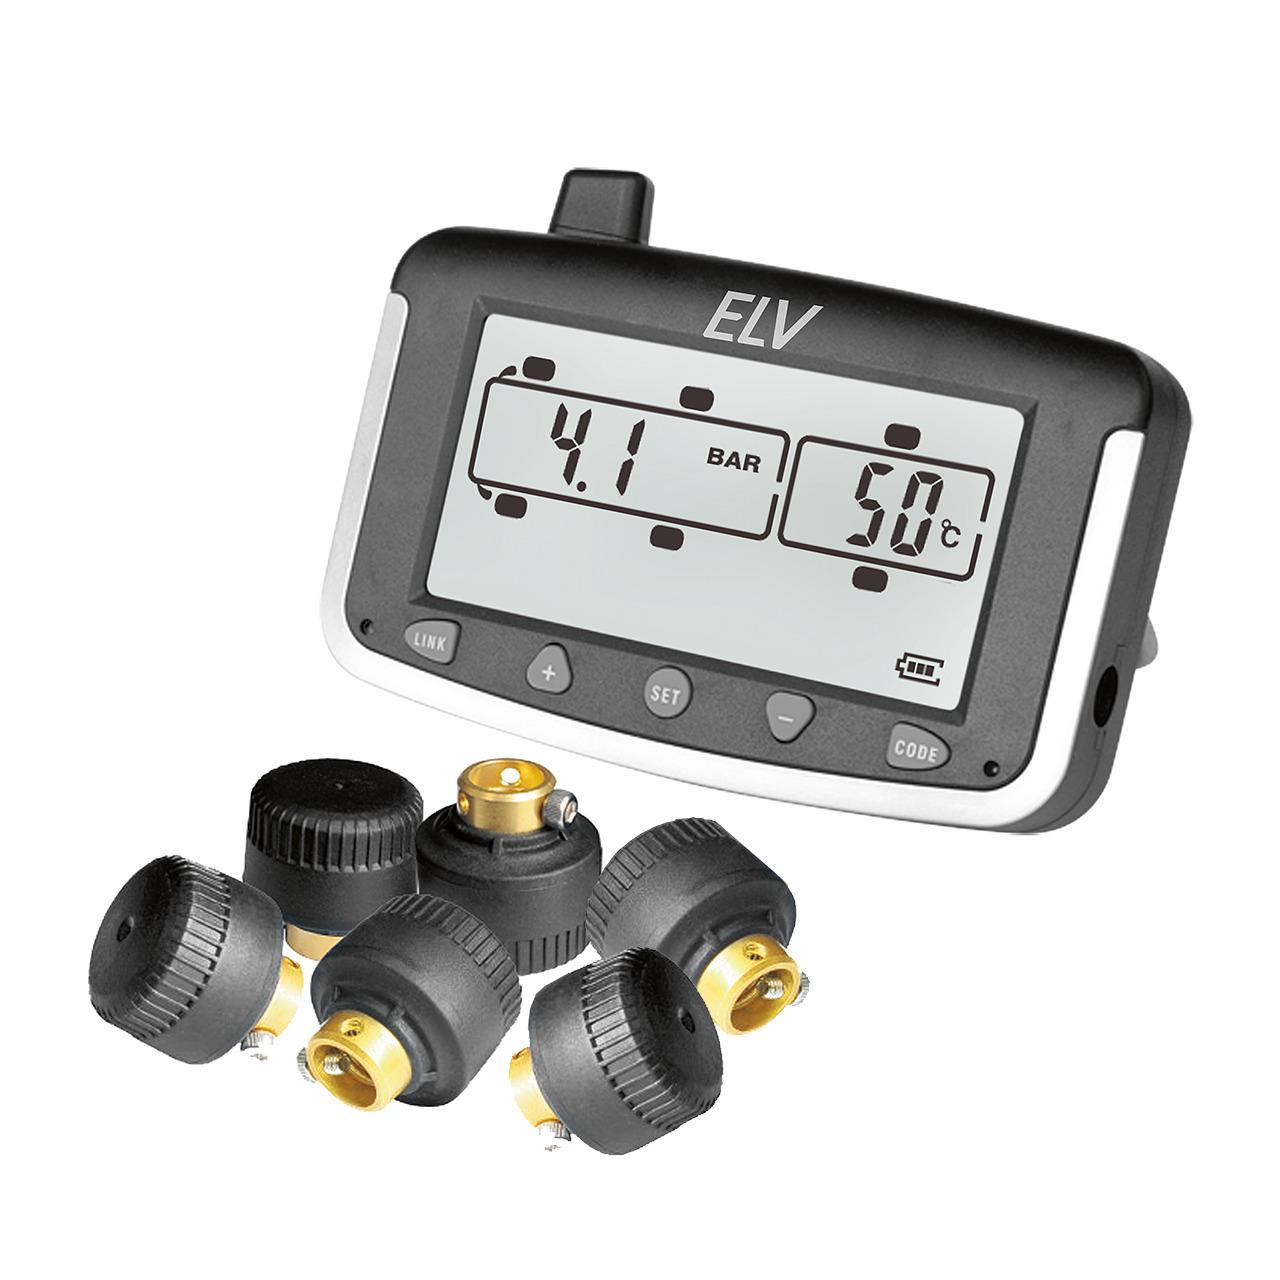 ELV EK215 Reifendruckkontrollsystem fund-252 r Wohnmobile und Transporter- erweiterbar- mit 6 Sensoren